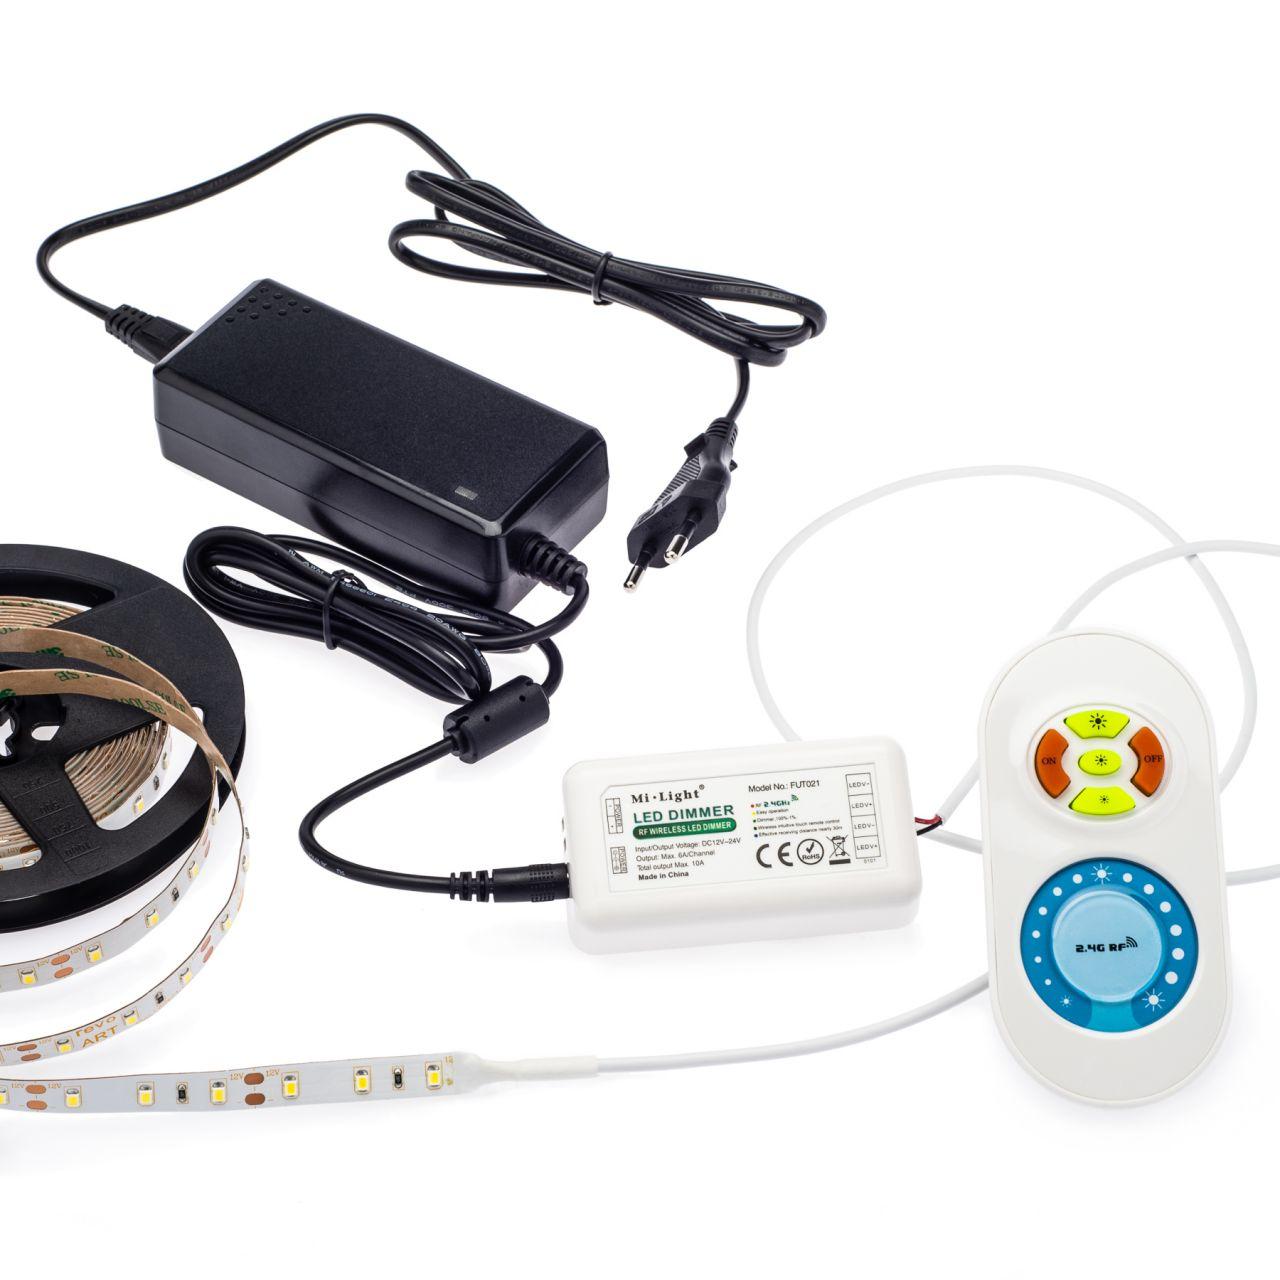 12V LED Streifen Set mit Fernbedienung und Netzteil, 500cm Länge, Lichtfarbe weiß